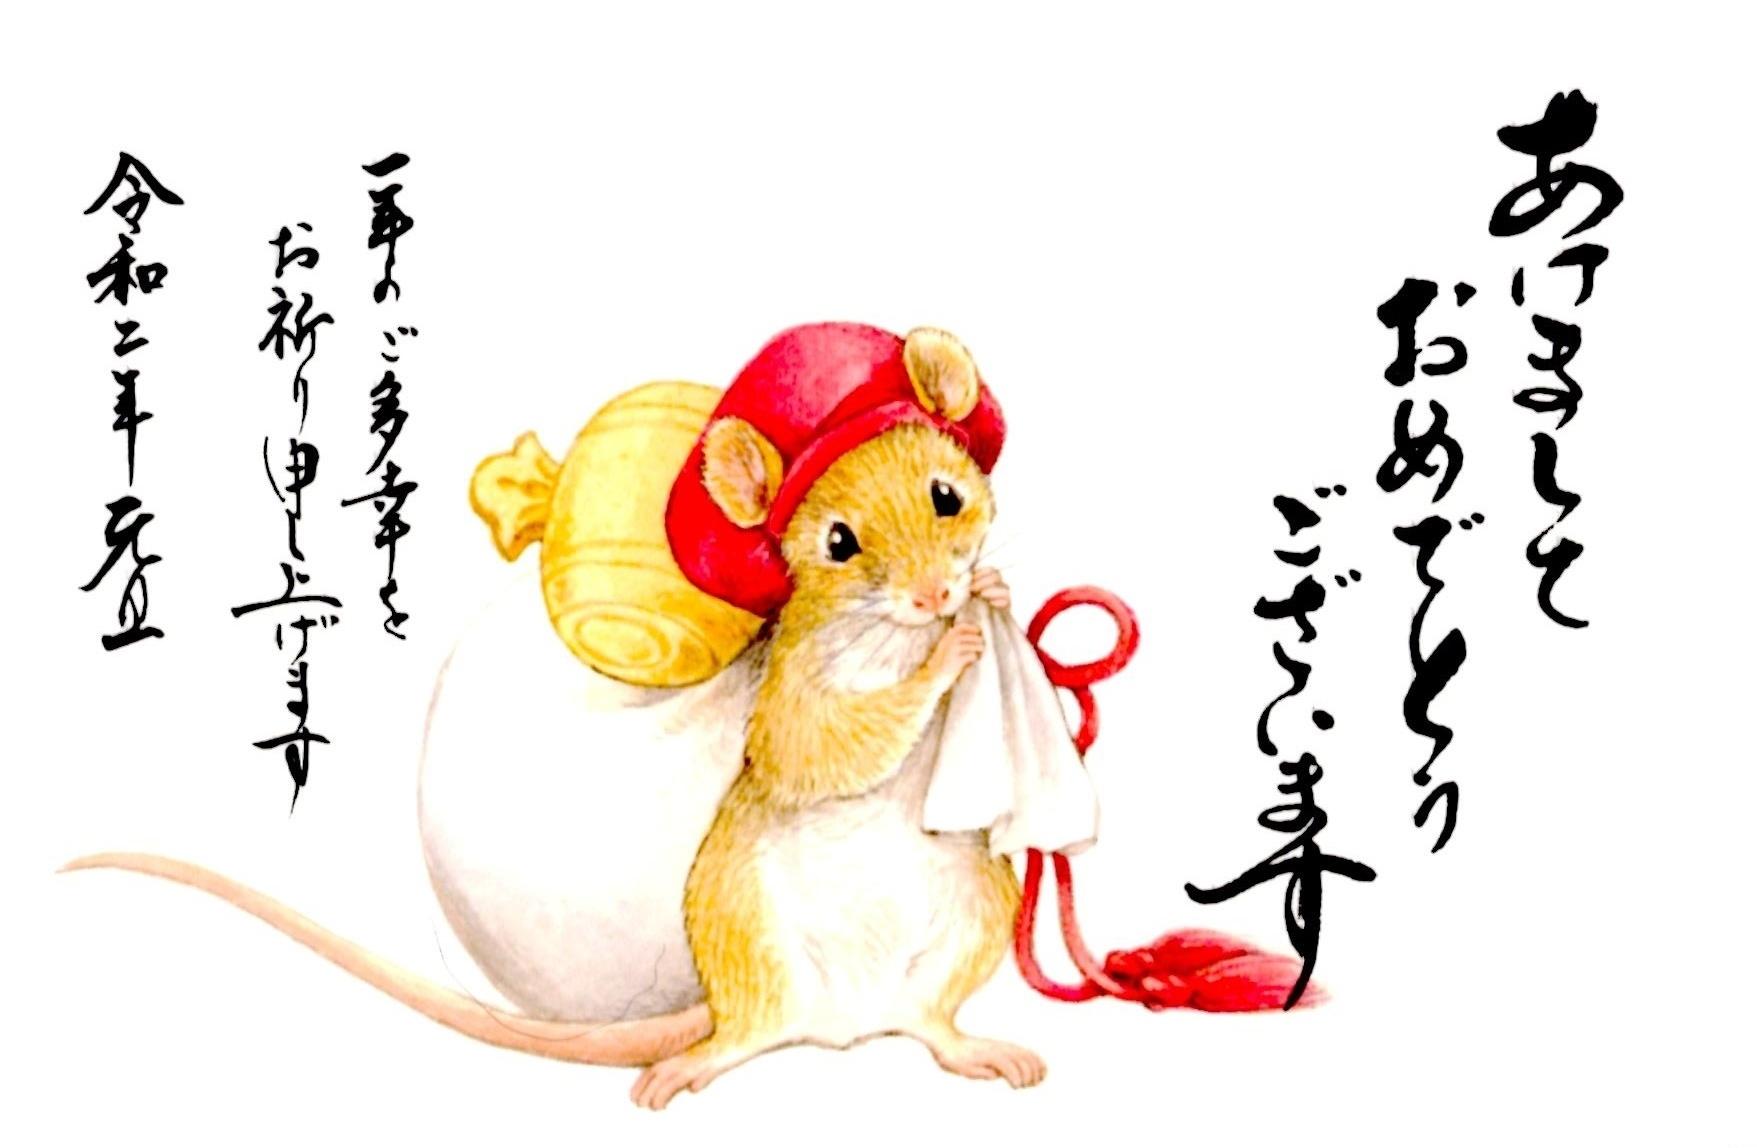 年賀状 ねずみの大黒様  2020-01-01 00:00   _b0093754_16404736.jpg